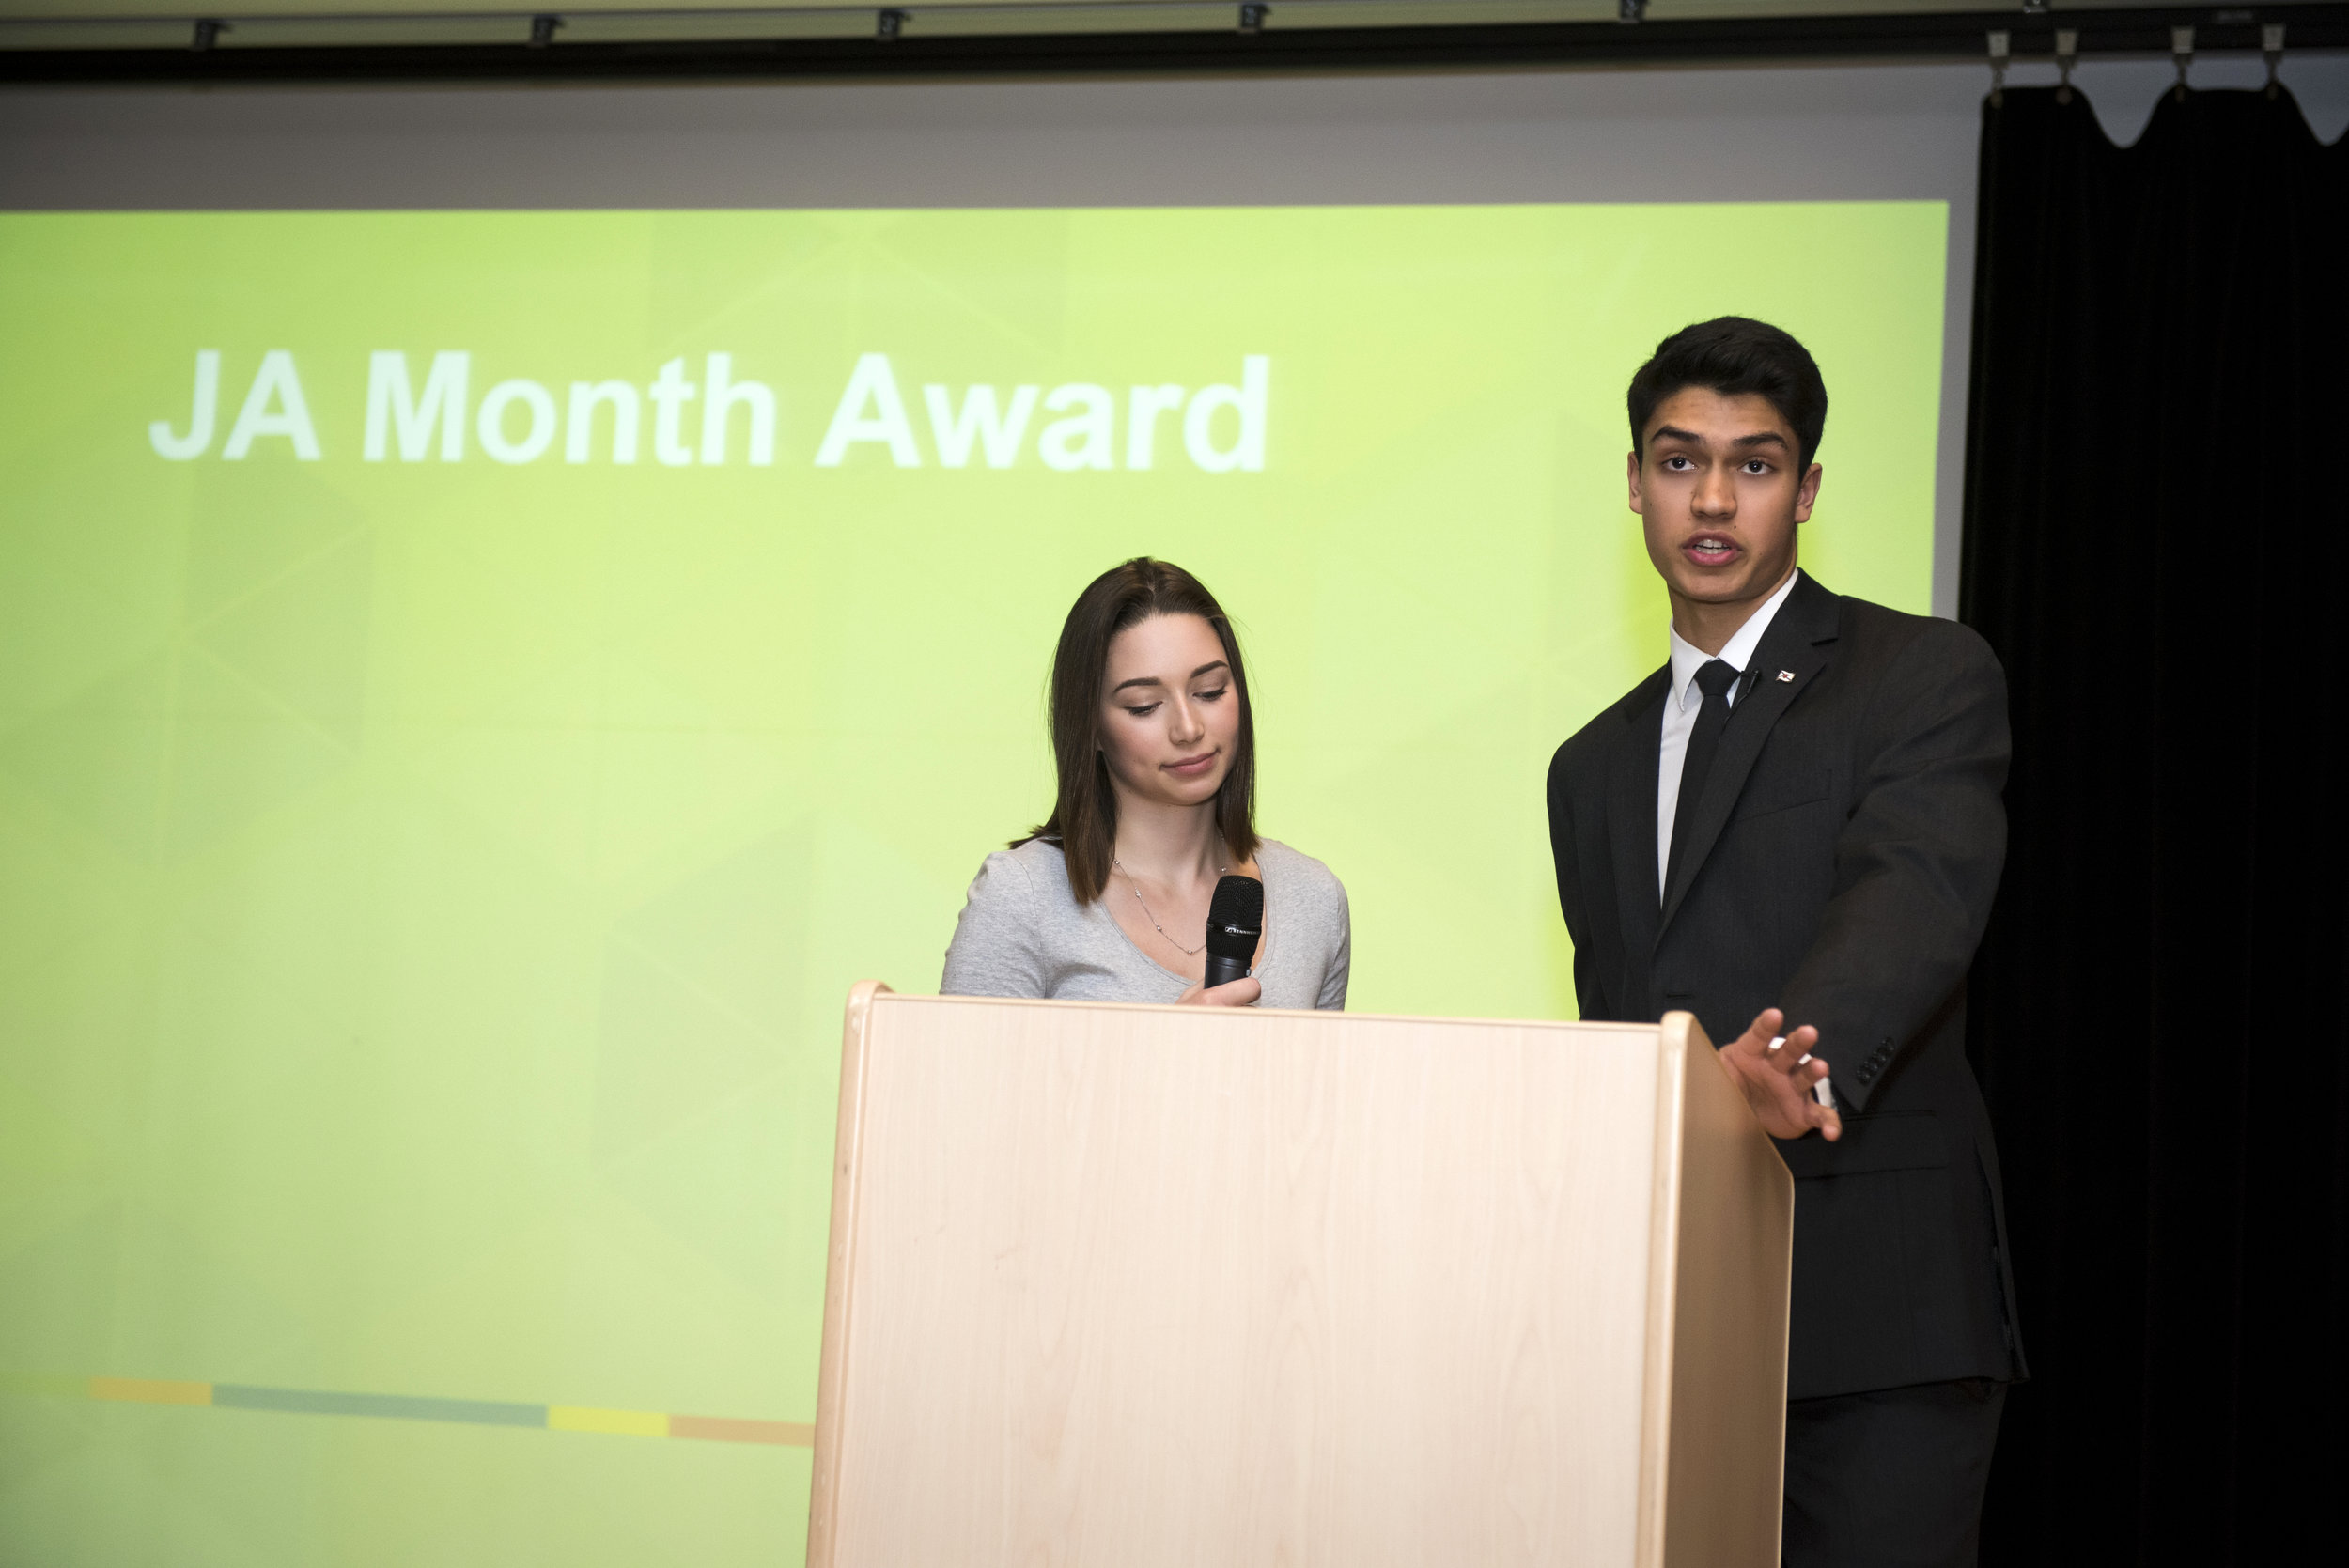 JA-Awards_0346.jpg